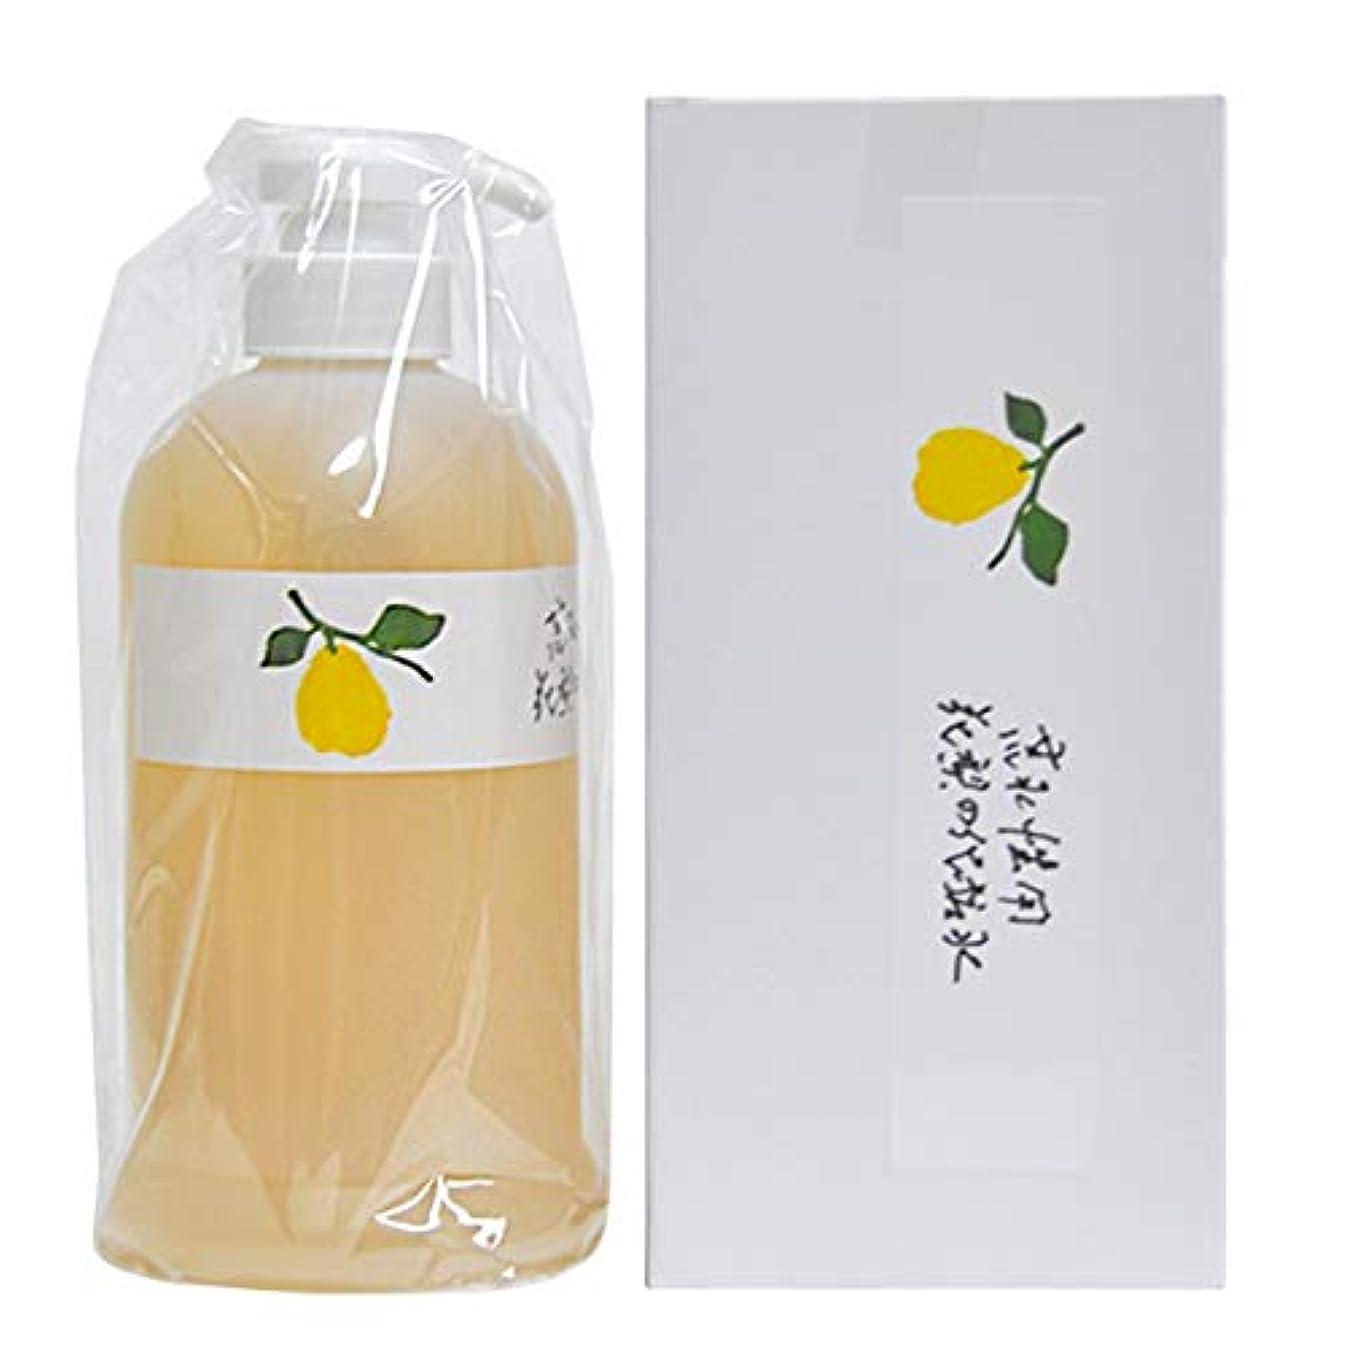 文房具ハンバーガー発症花梨の化粧水 お徳用ホームサイズ 630ml